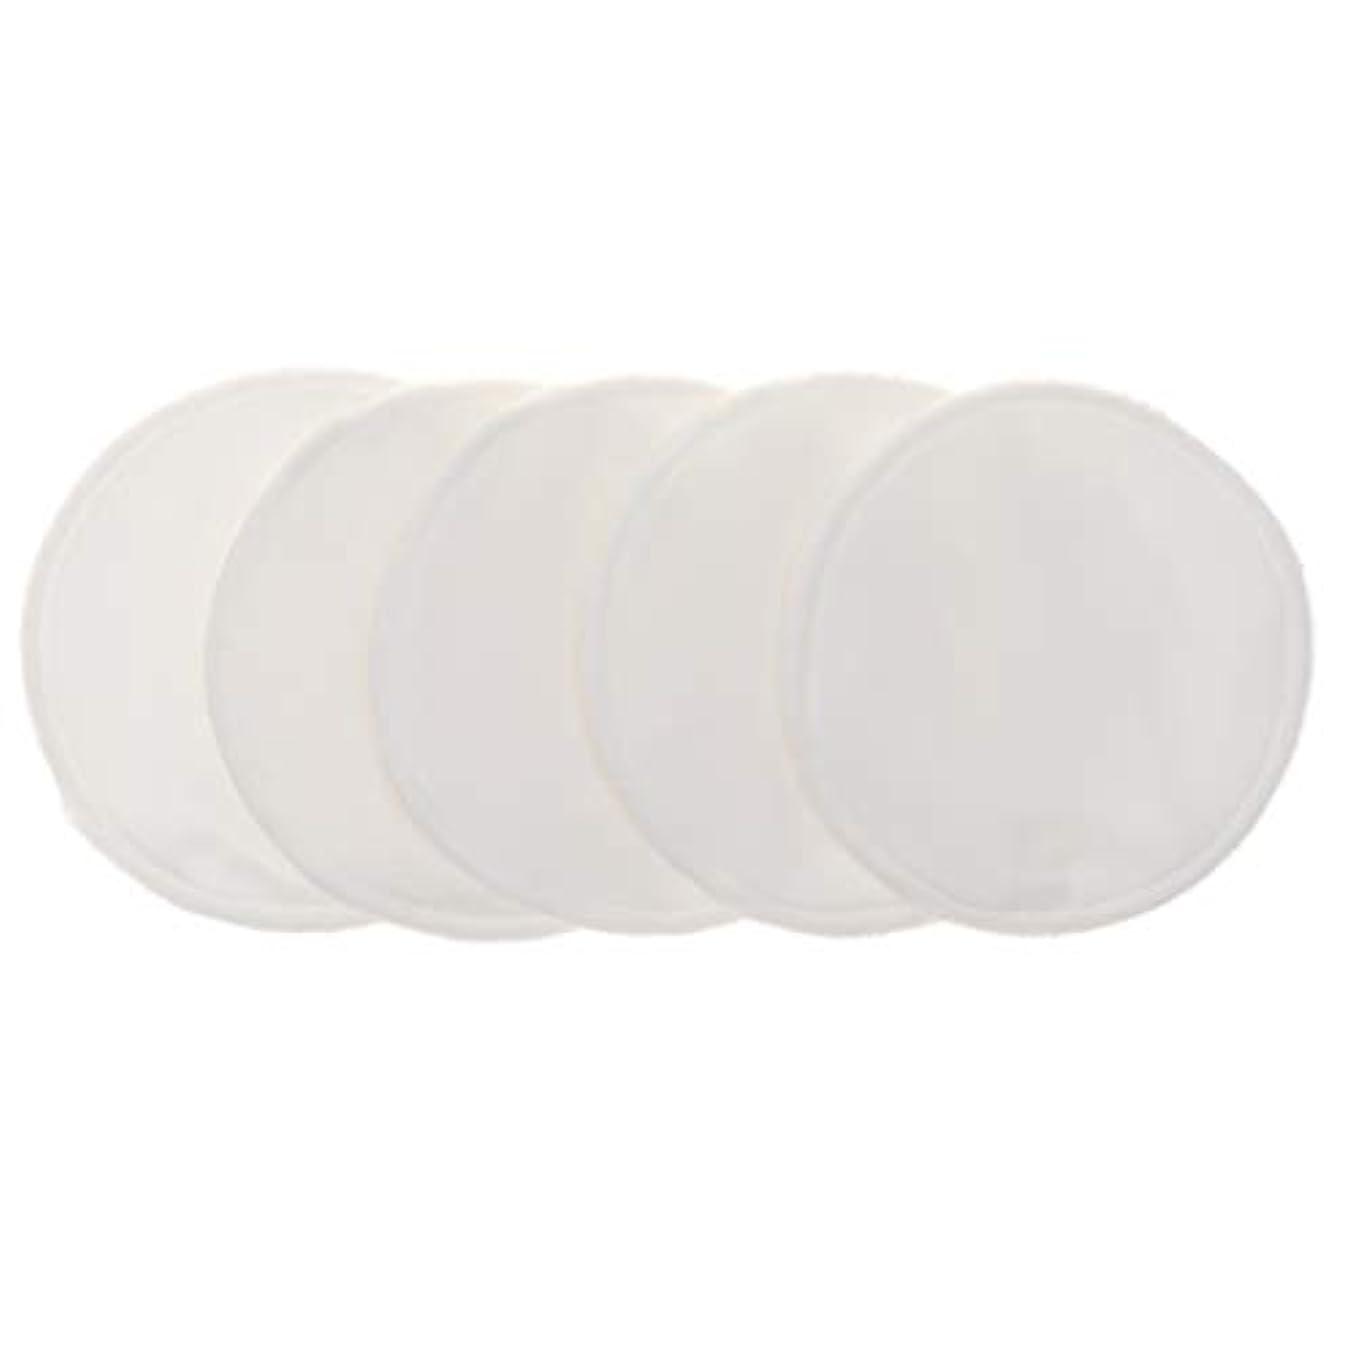 ジャンピングジャック発疹事故12cm 胸パッド クレンジングシート 化粧水パッド 竹繊維 円形 洗える 再使用可能 5個 全5色 - 白